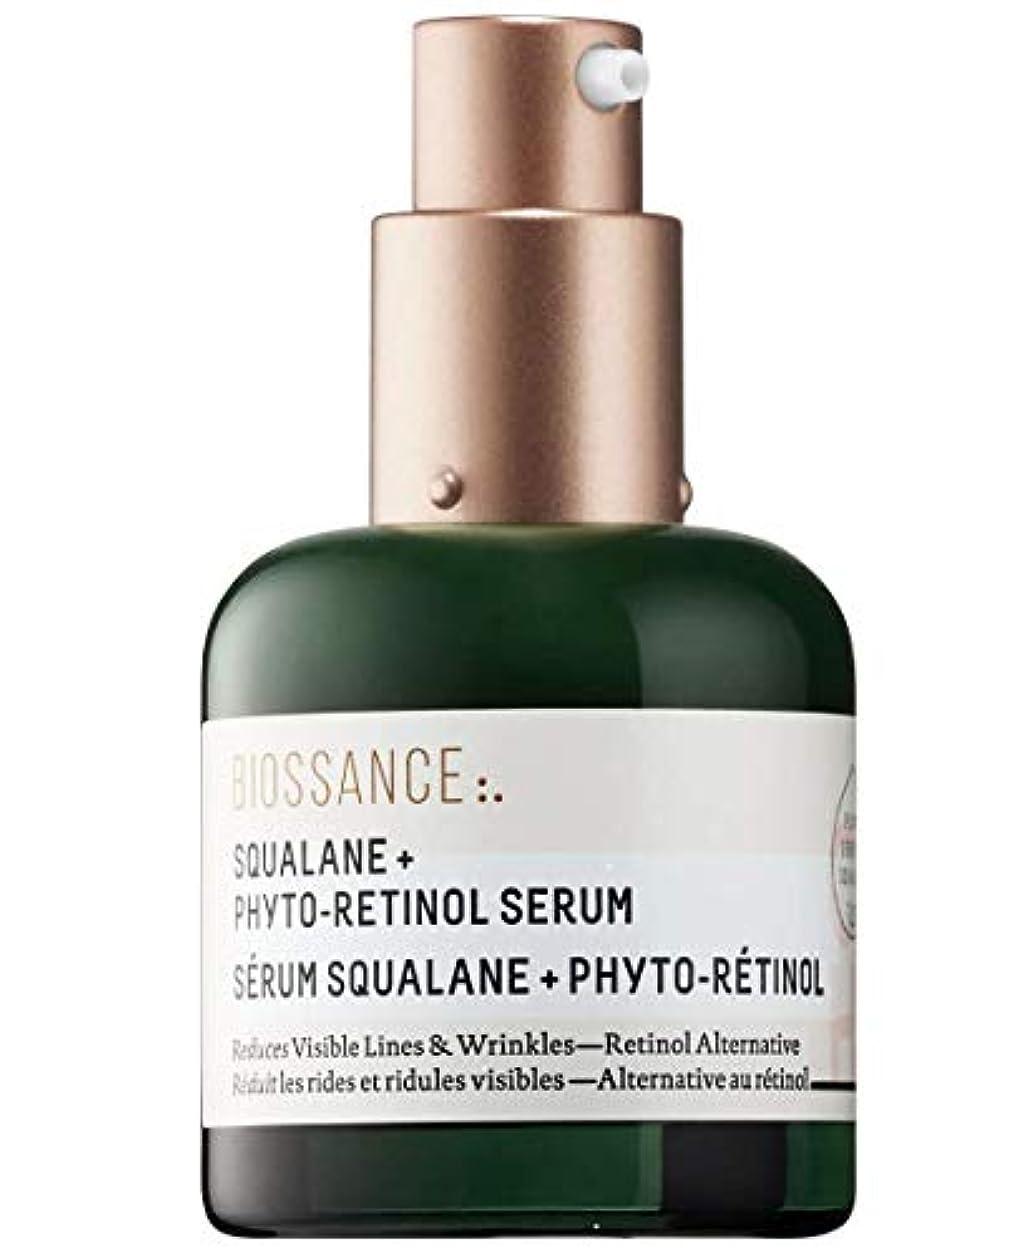 非アクティブサイレント急ぐBiossance Squalane + Phyto-Retinol Serum 30ml